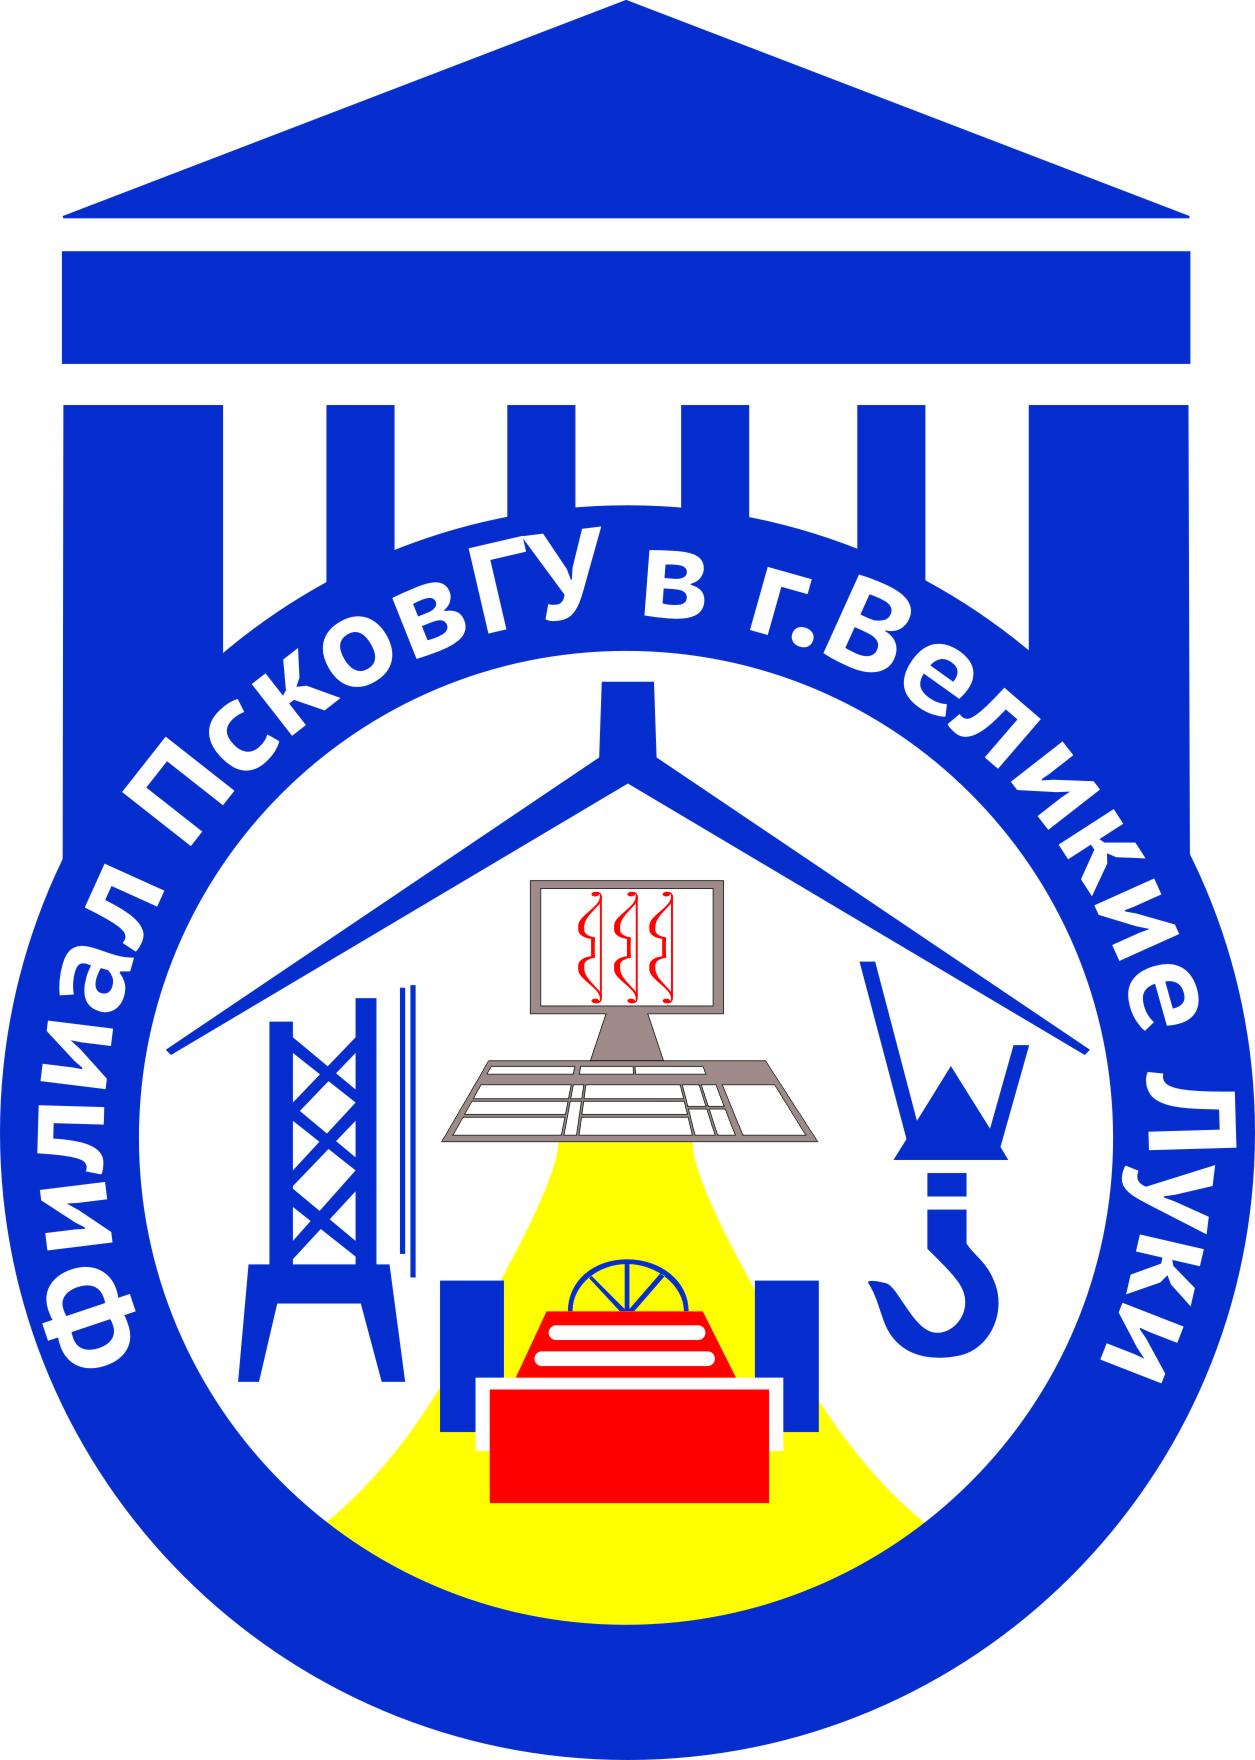 Псковский государственный университет — филиал в г. Великие Луки